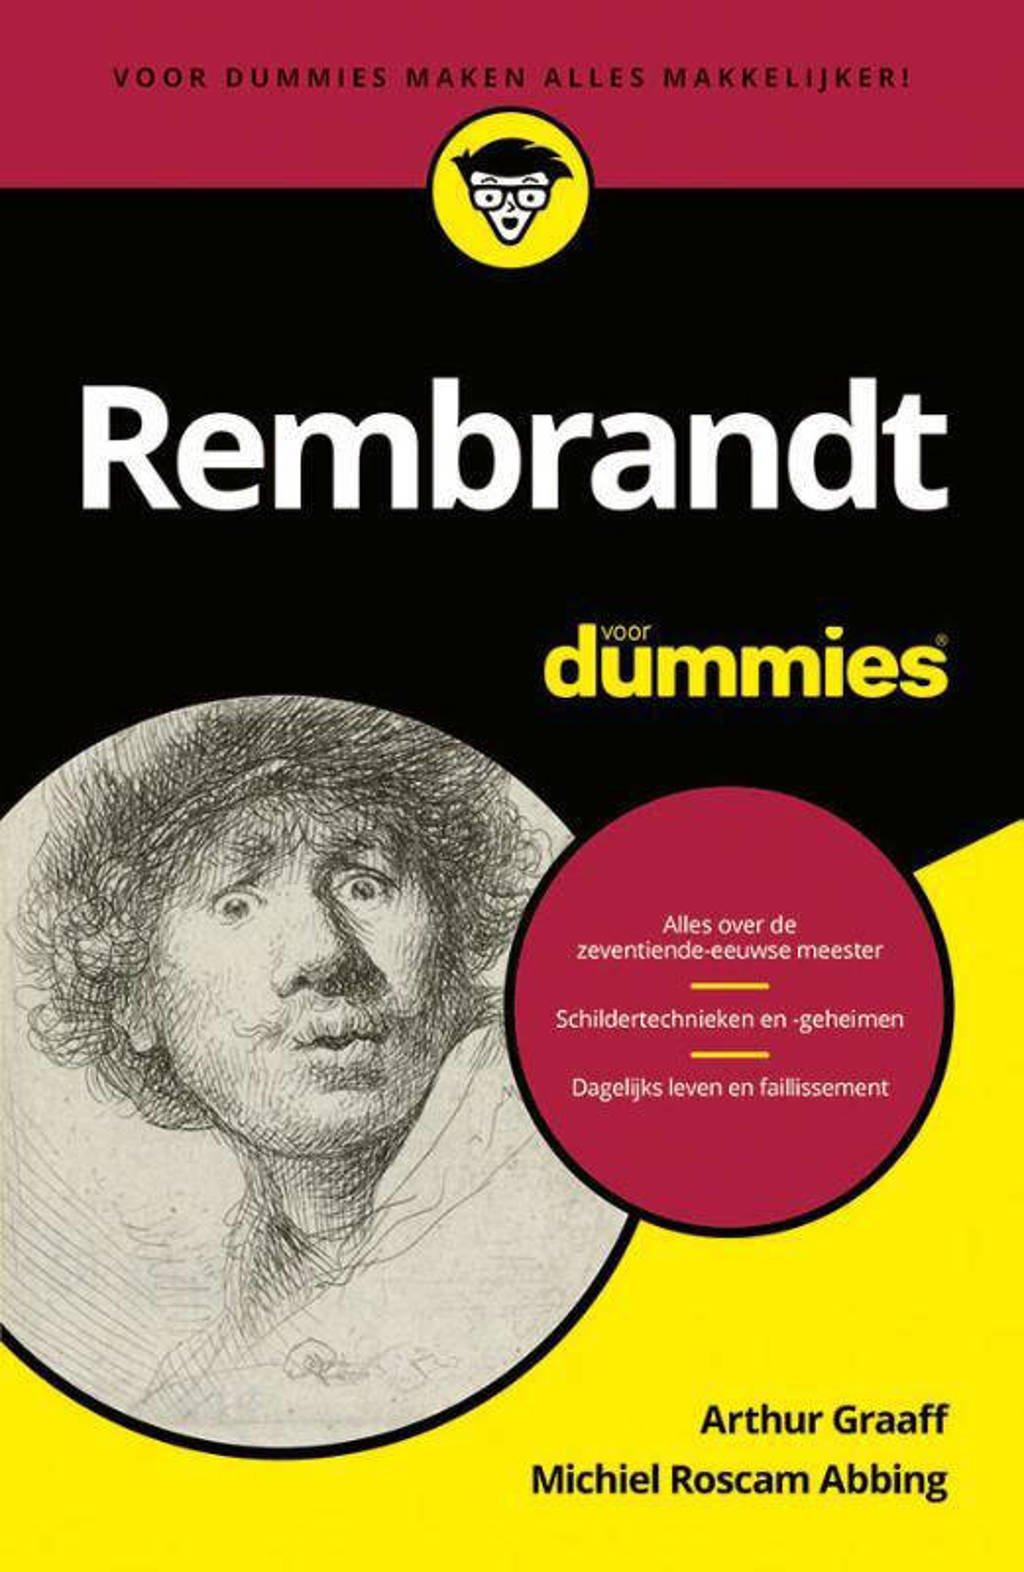 Rembrandt voor Dummies - Arthur Graaff en Michiel Roscam Abbing